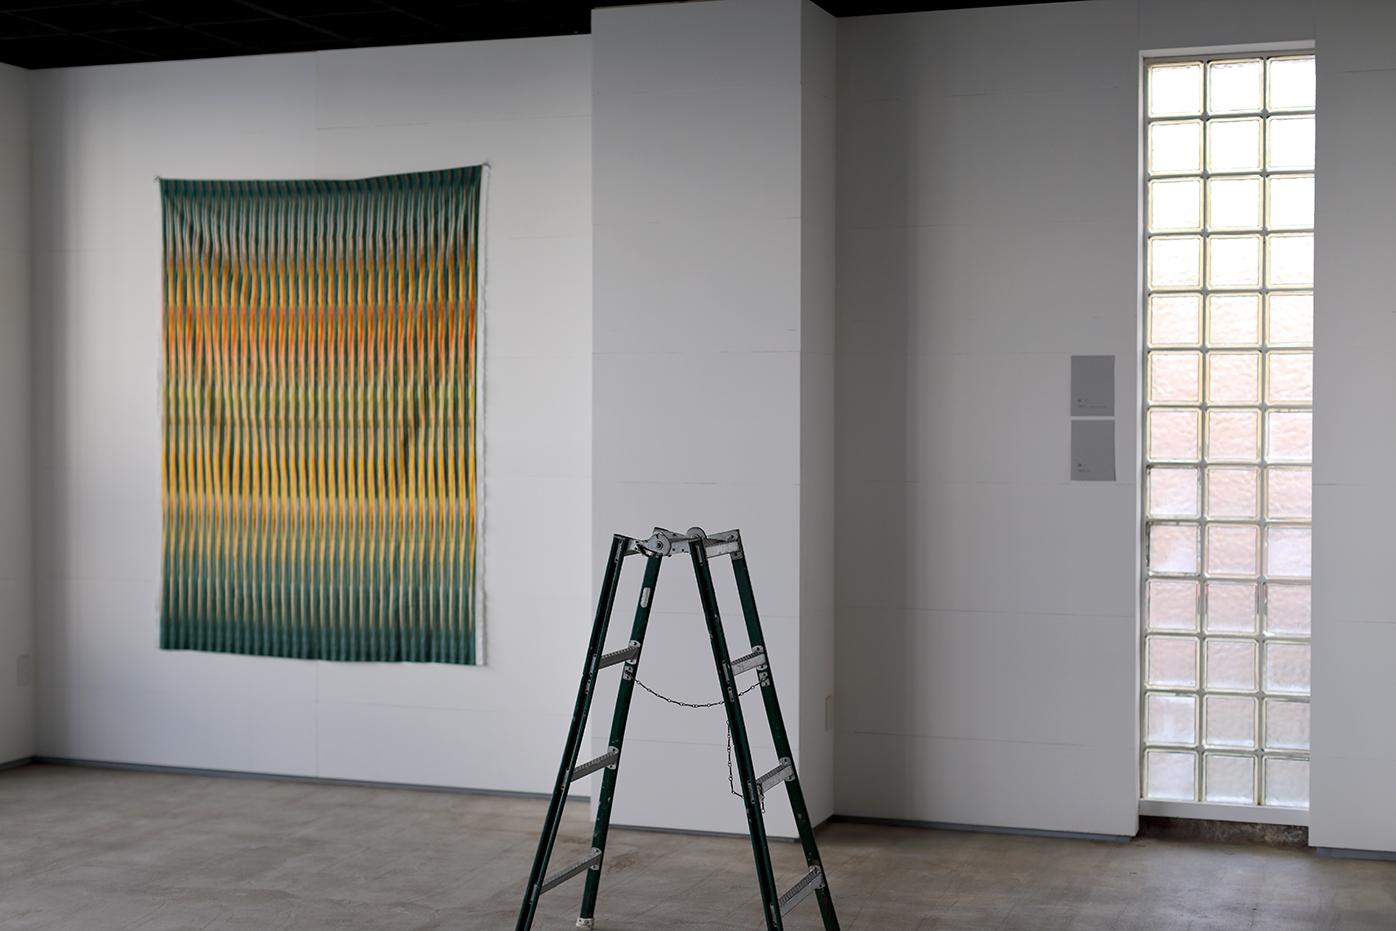 21_180726-27_exhibition_017